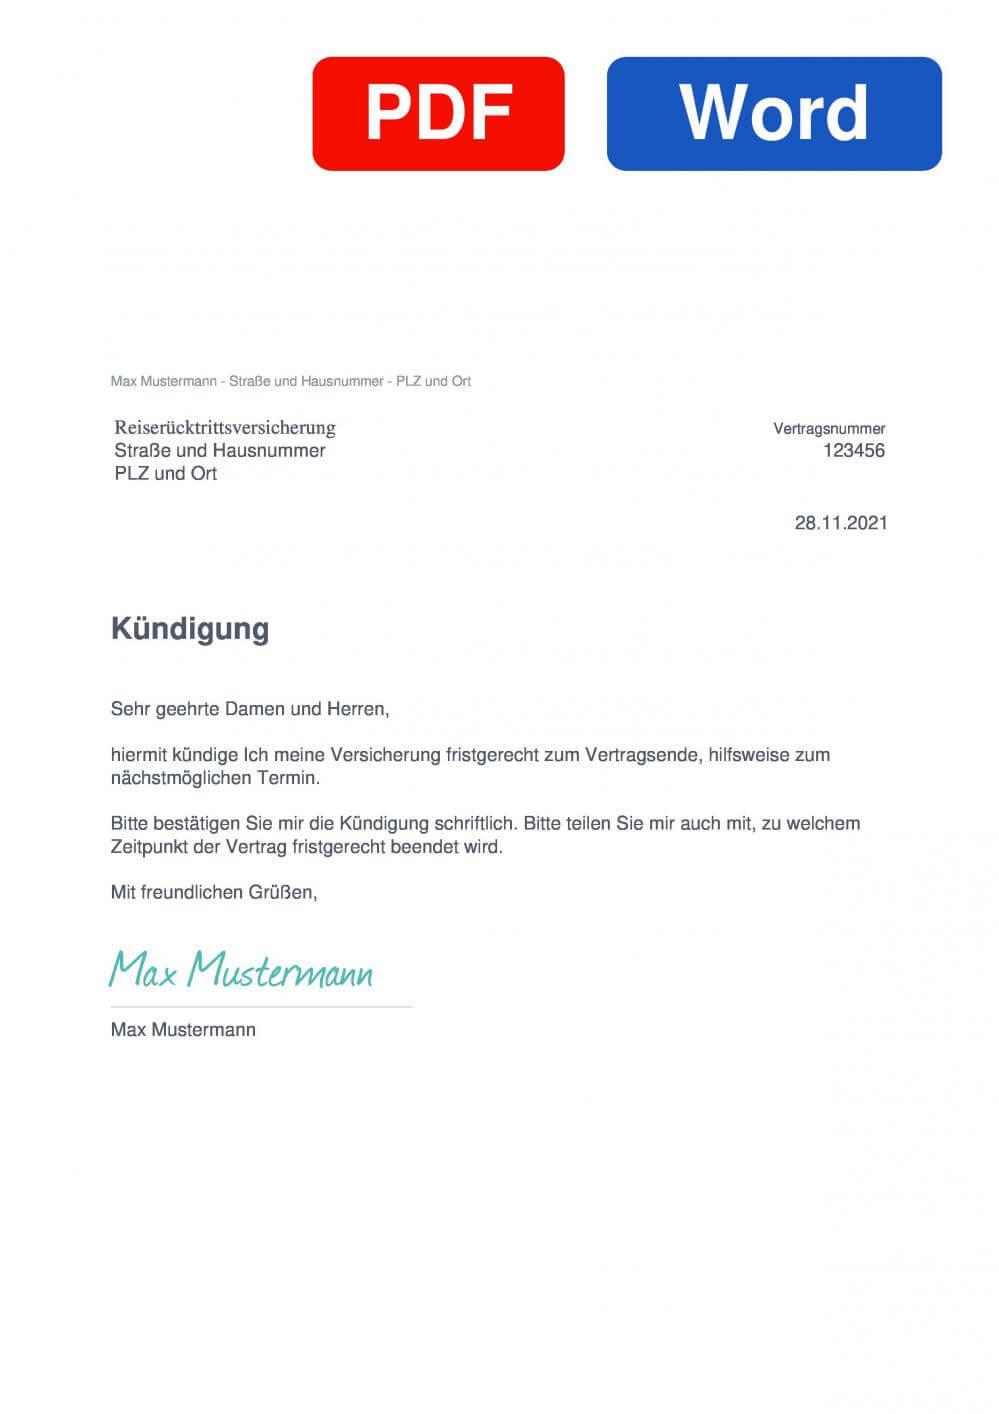 Reiserücktrittsversicherung Muster Vorlage für Kündigungsschreiben